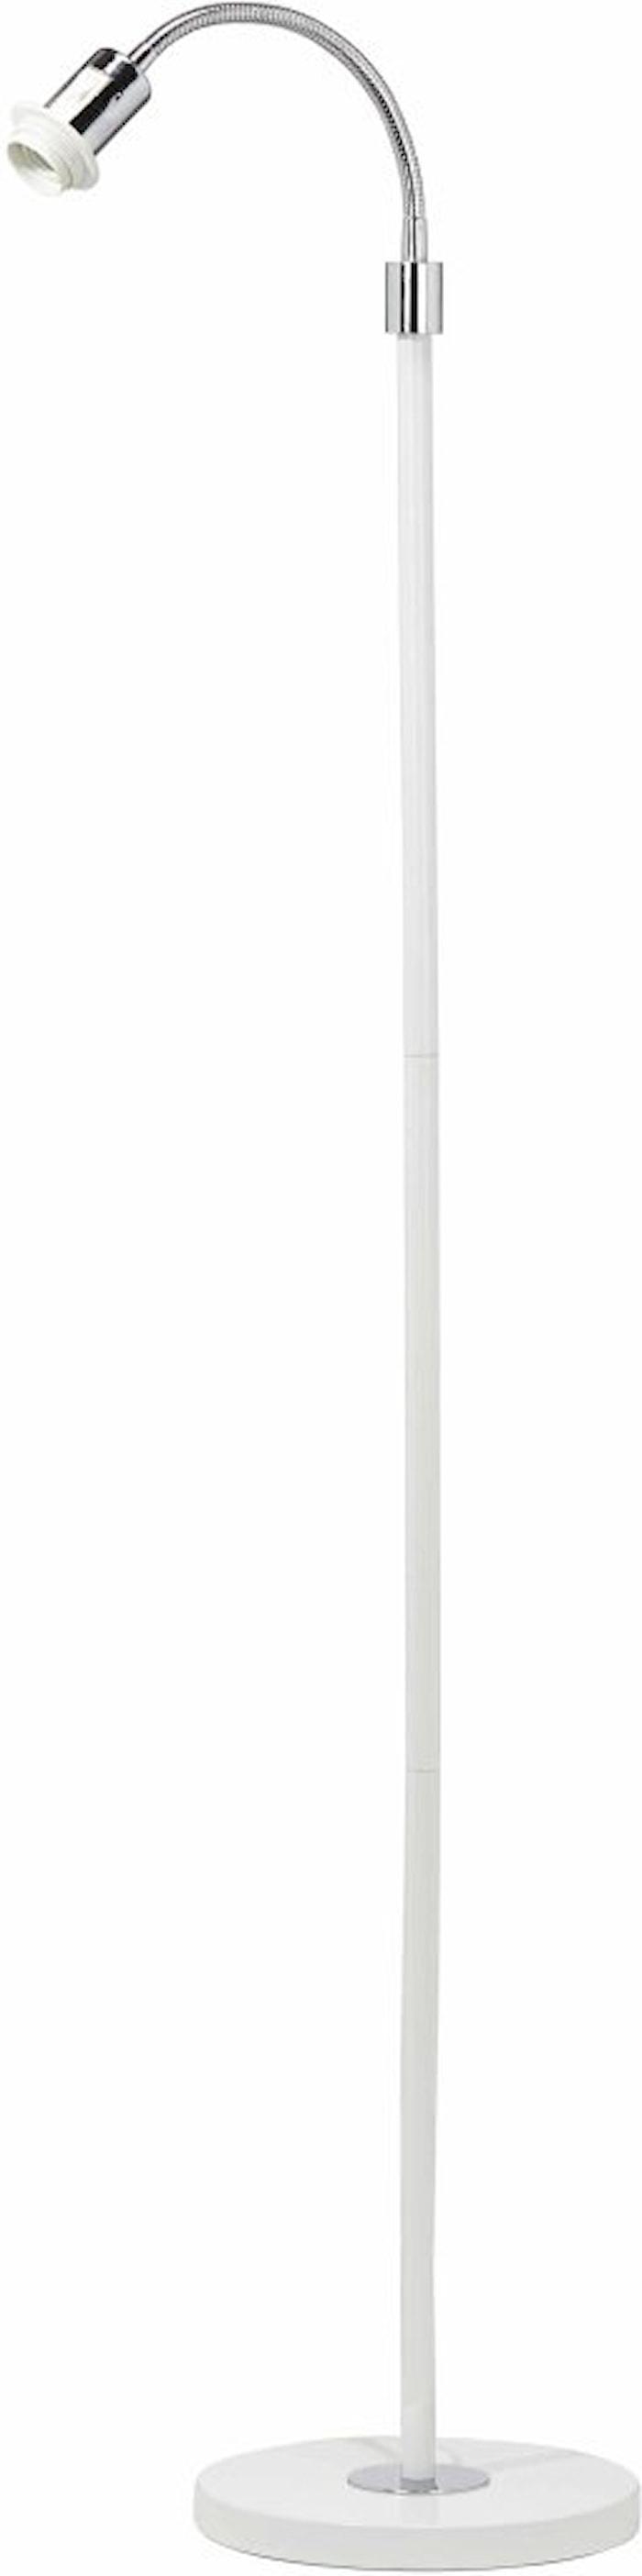 Cia yksijalkainen Lattiavalaisimen jalka Valkoinen/kromi 160cm